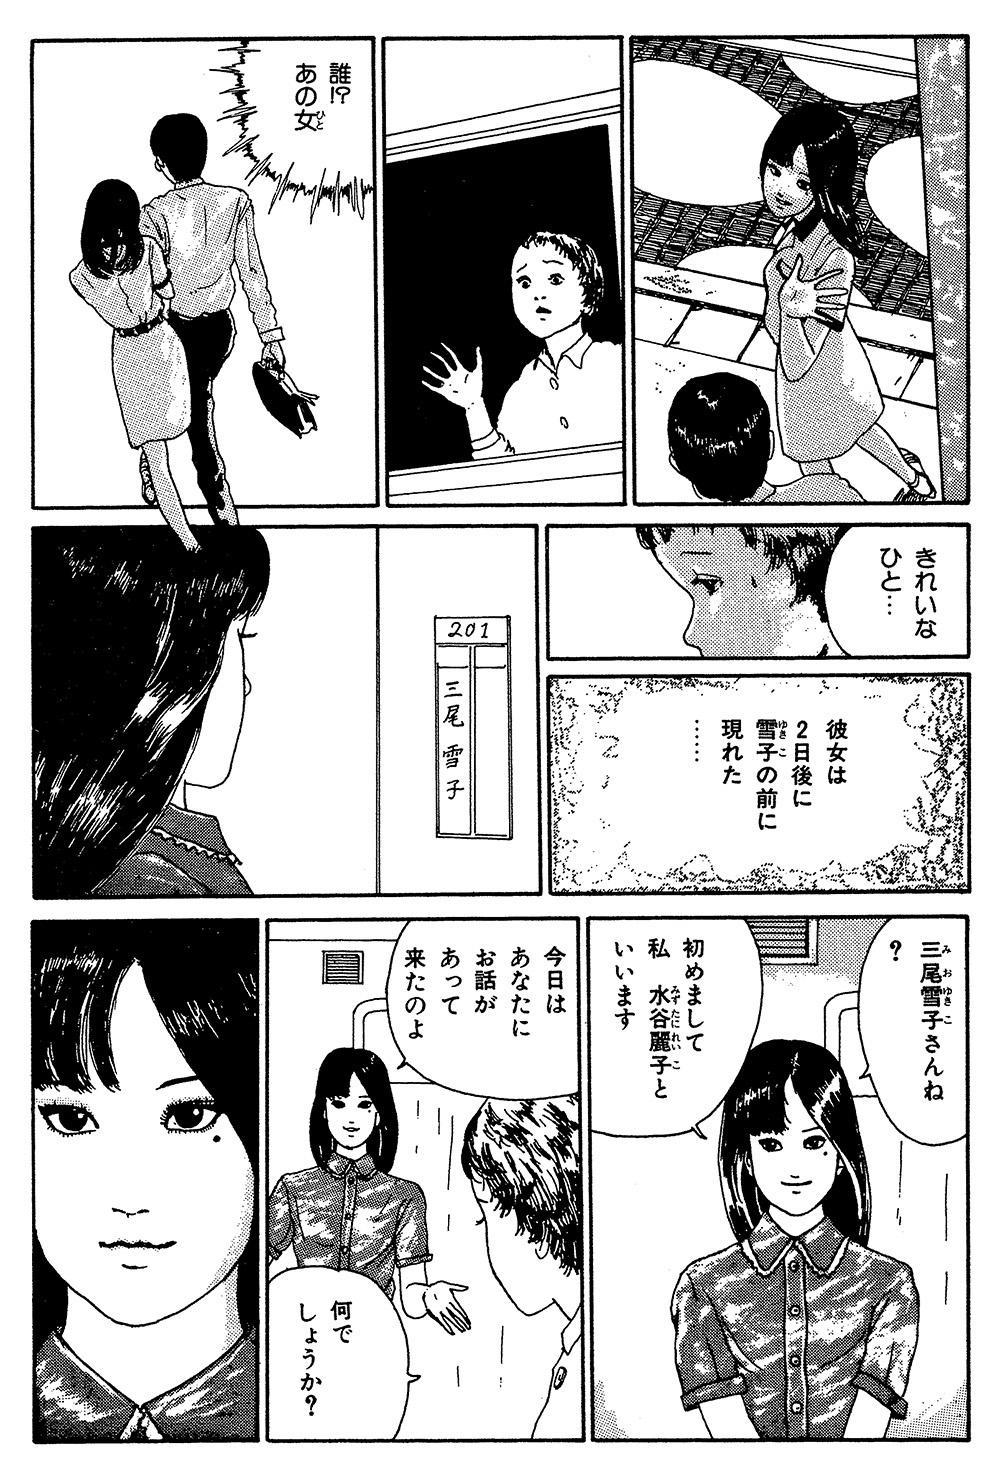 伊藤潤二傑作集 第2話「富江 森田病院編」①itouj_0001_0041.jpg